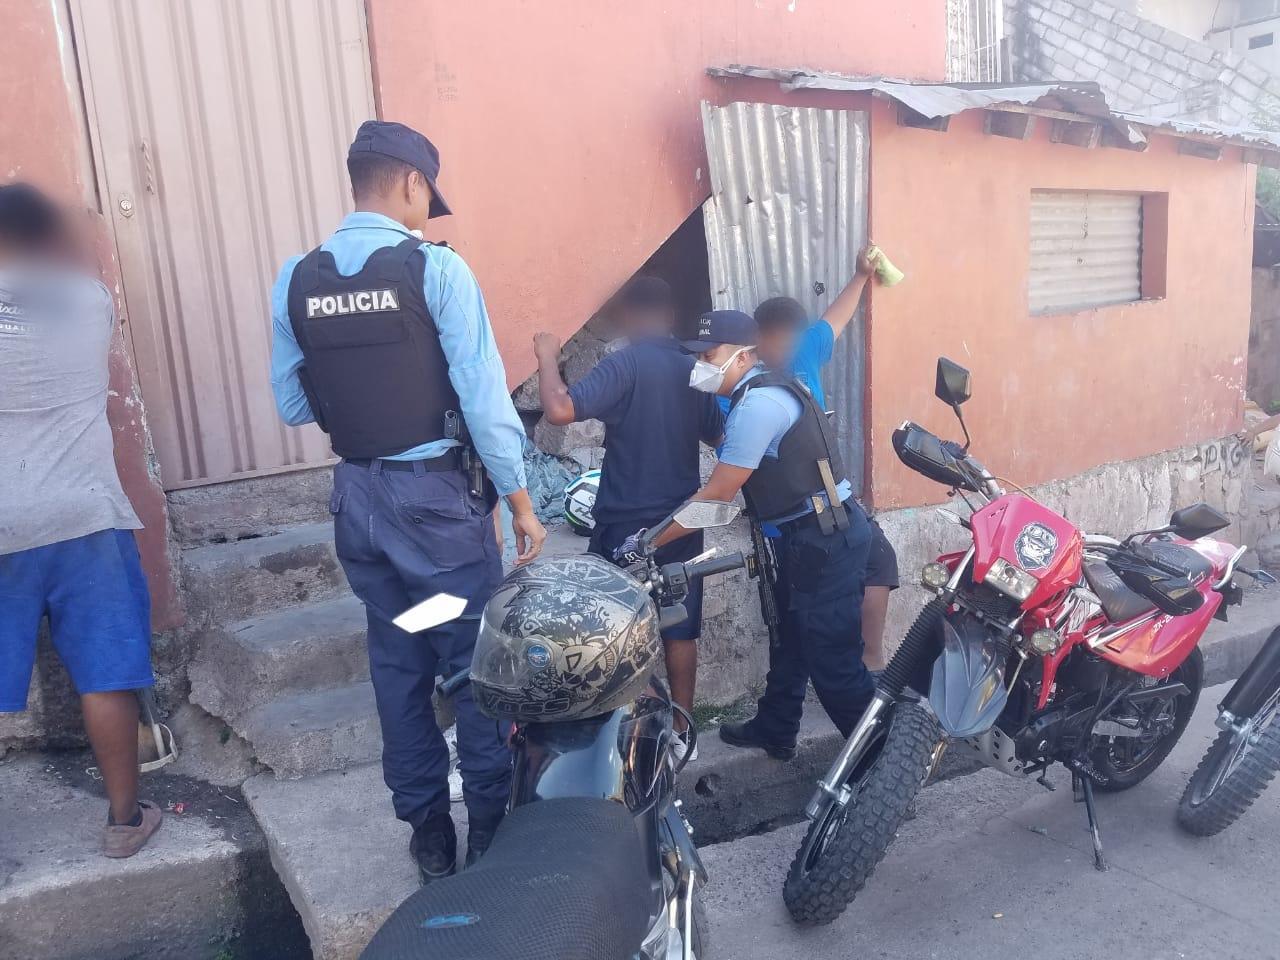 Fuerzas de seguridad se preparan constantemente para atacar la reorganización de la criminalidad: Jair Meza